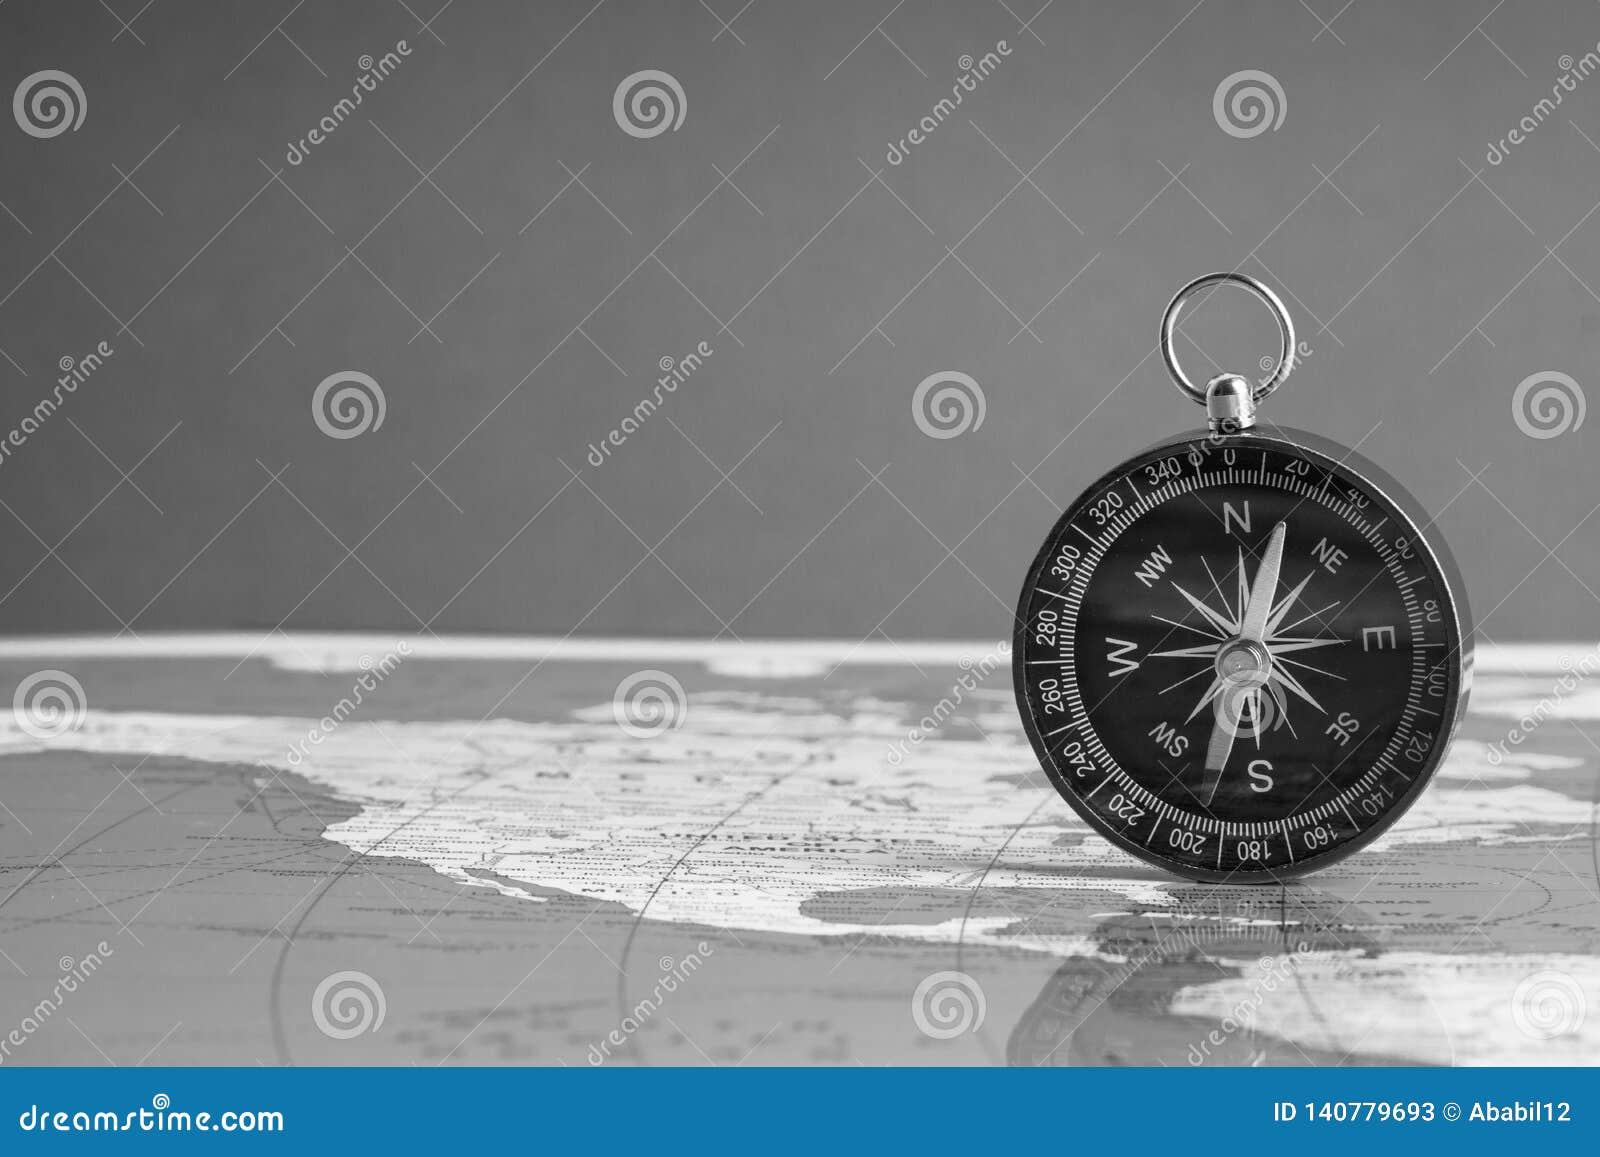 Carte Du Monde Kuala Lumpur.Boussole Sur Le Fond De Carte Du Monde Image Stock Image Du